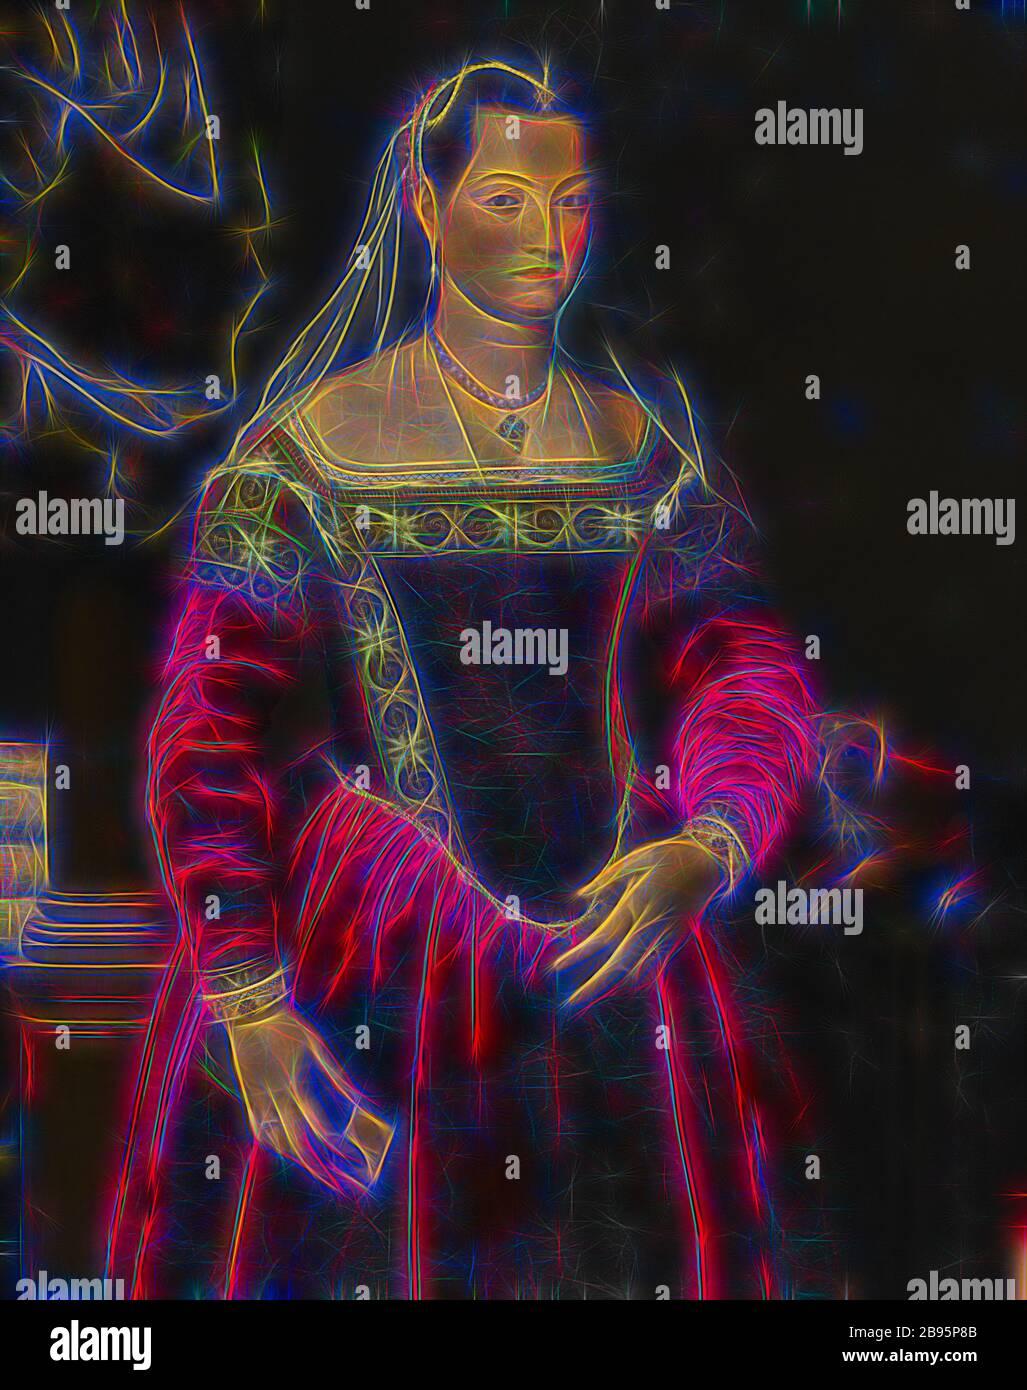 Porträt einer Dame, Jacopo Zucchi (italienisch, 1540-1596), ca. 1560er Jahre, Öl auf Leinwand, 48 x 37-3/4 Zoll. (Leinwand) ca. 63-1/2 x 54-1/4 x 4-1/2 Zoll (Gerahmt), europäische Malerei und Skulptur vor 1800, von Gibon neu vorgestellt, Gestaltung von warmfröhlichem Leuchten von Helligkeit und Lichtstrahlen. Klassische Kunst mit moderner Note neu erfunden. Fotografie, inspiriert vom Futurismus, die dynamische Energie moderner Technologie, Bewegung, Geschwindigkeit und Kultur revolutionieren. Stockfoto